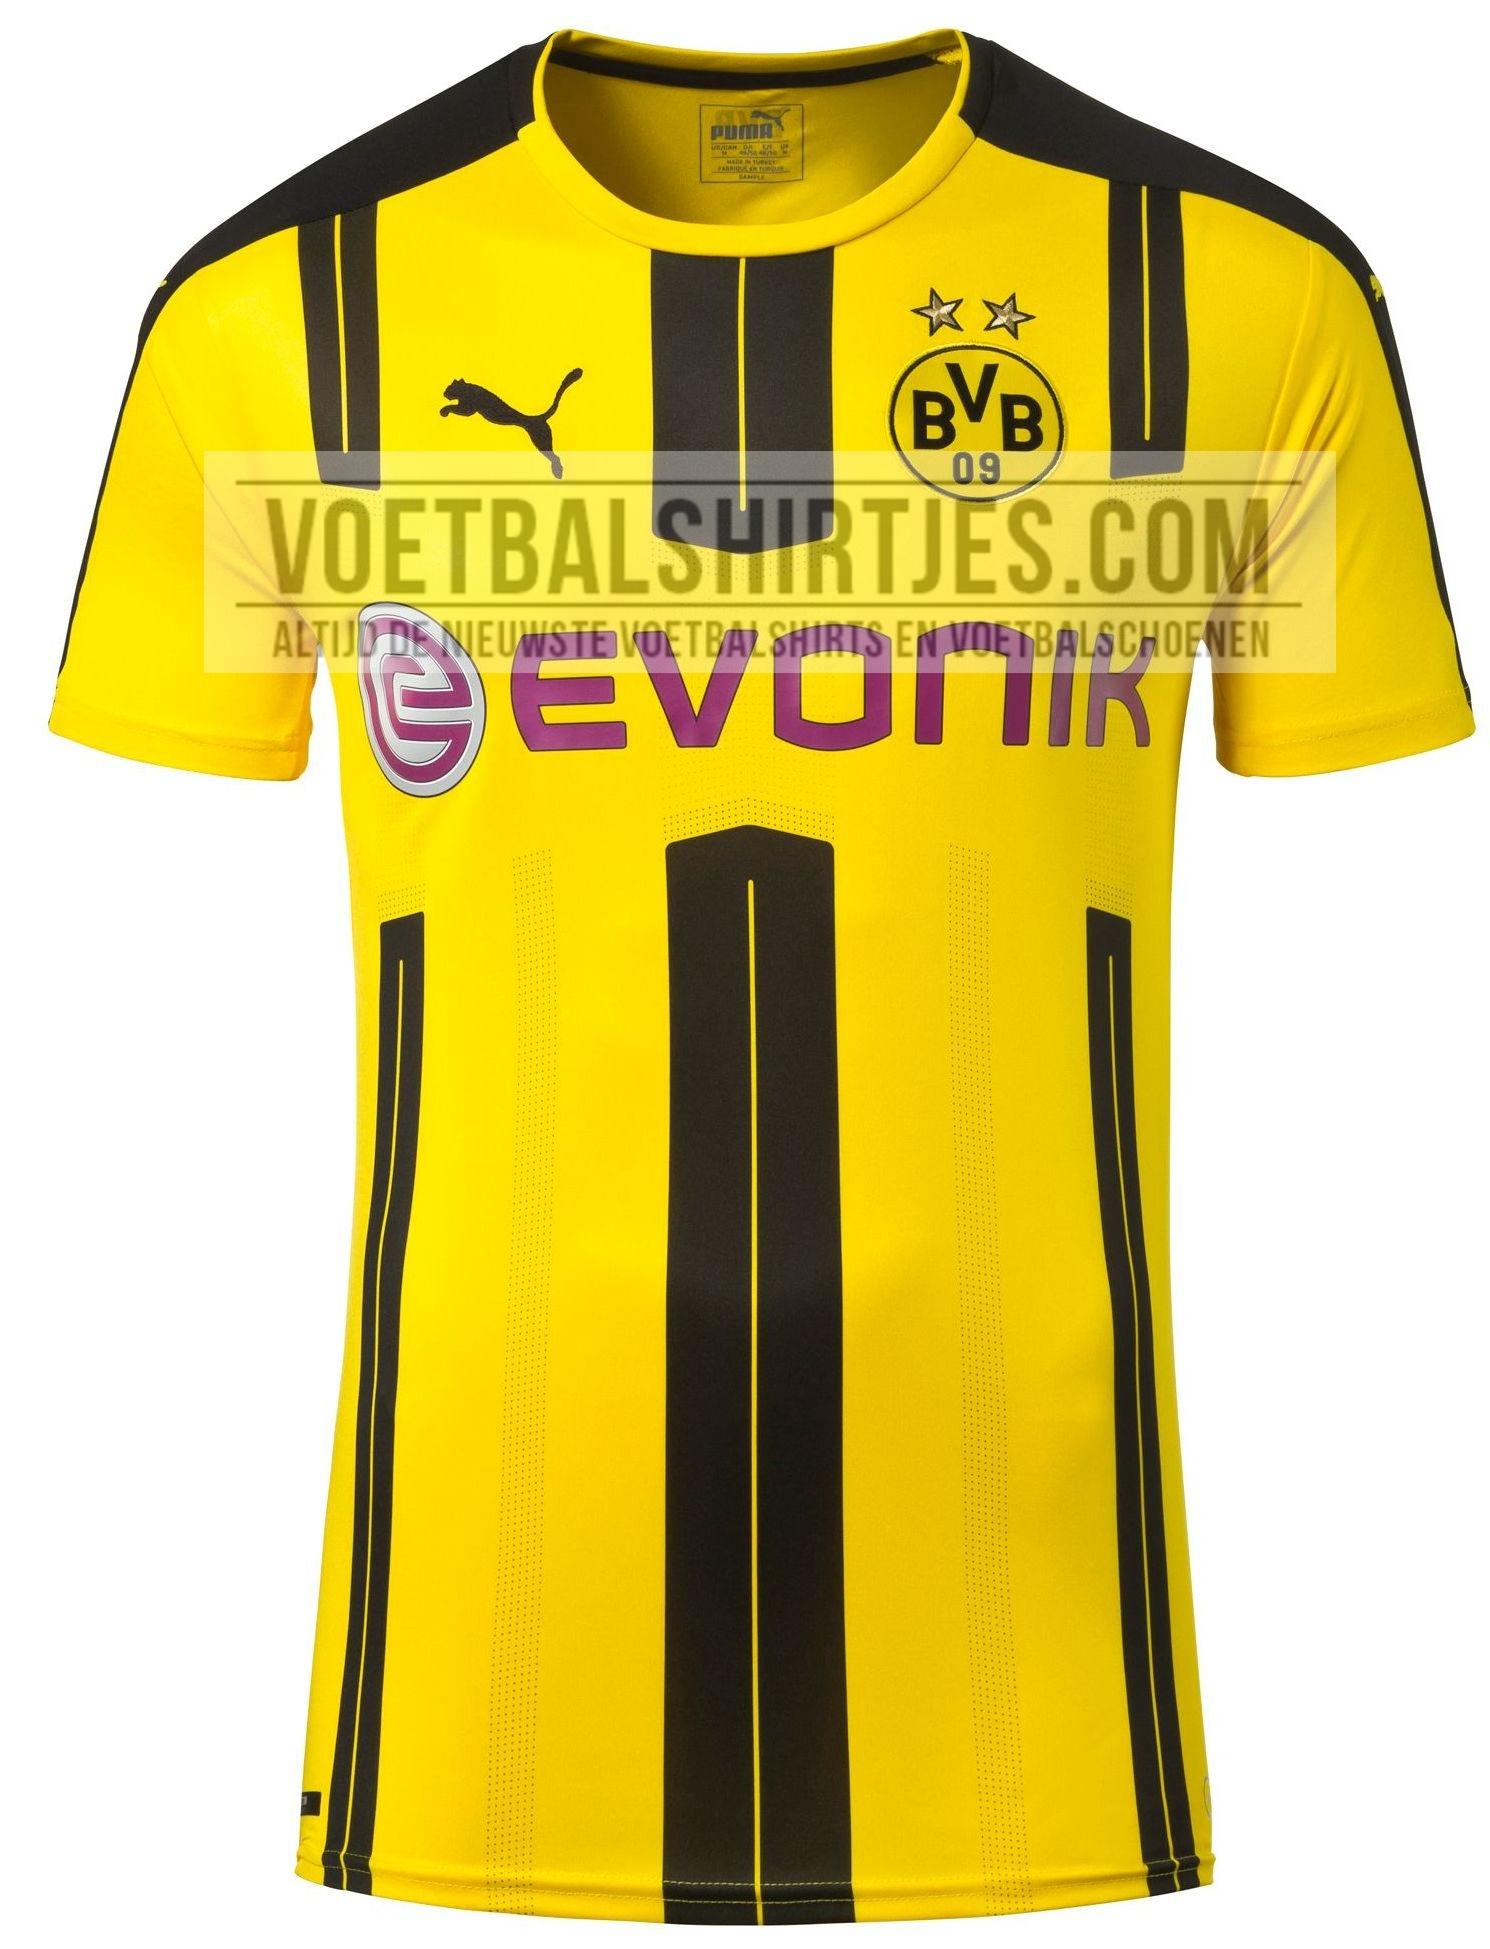 Dovrebbe essere questa la nuova maglia del Borussia Dortmund 2016-2017